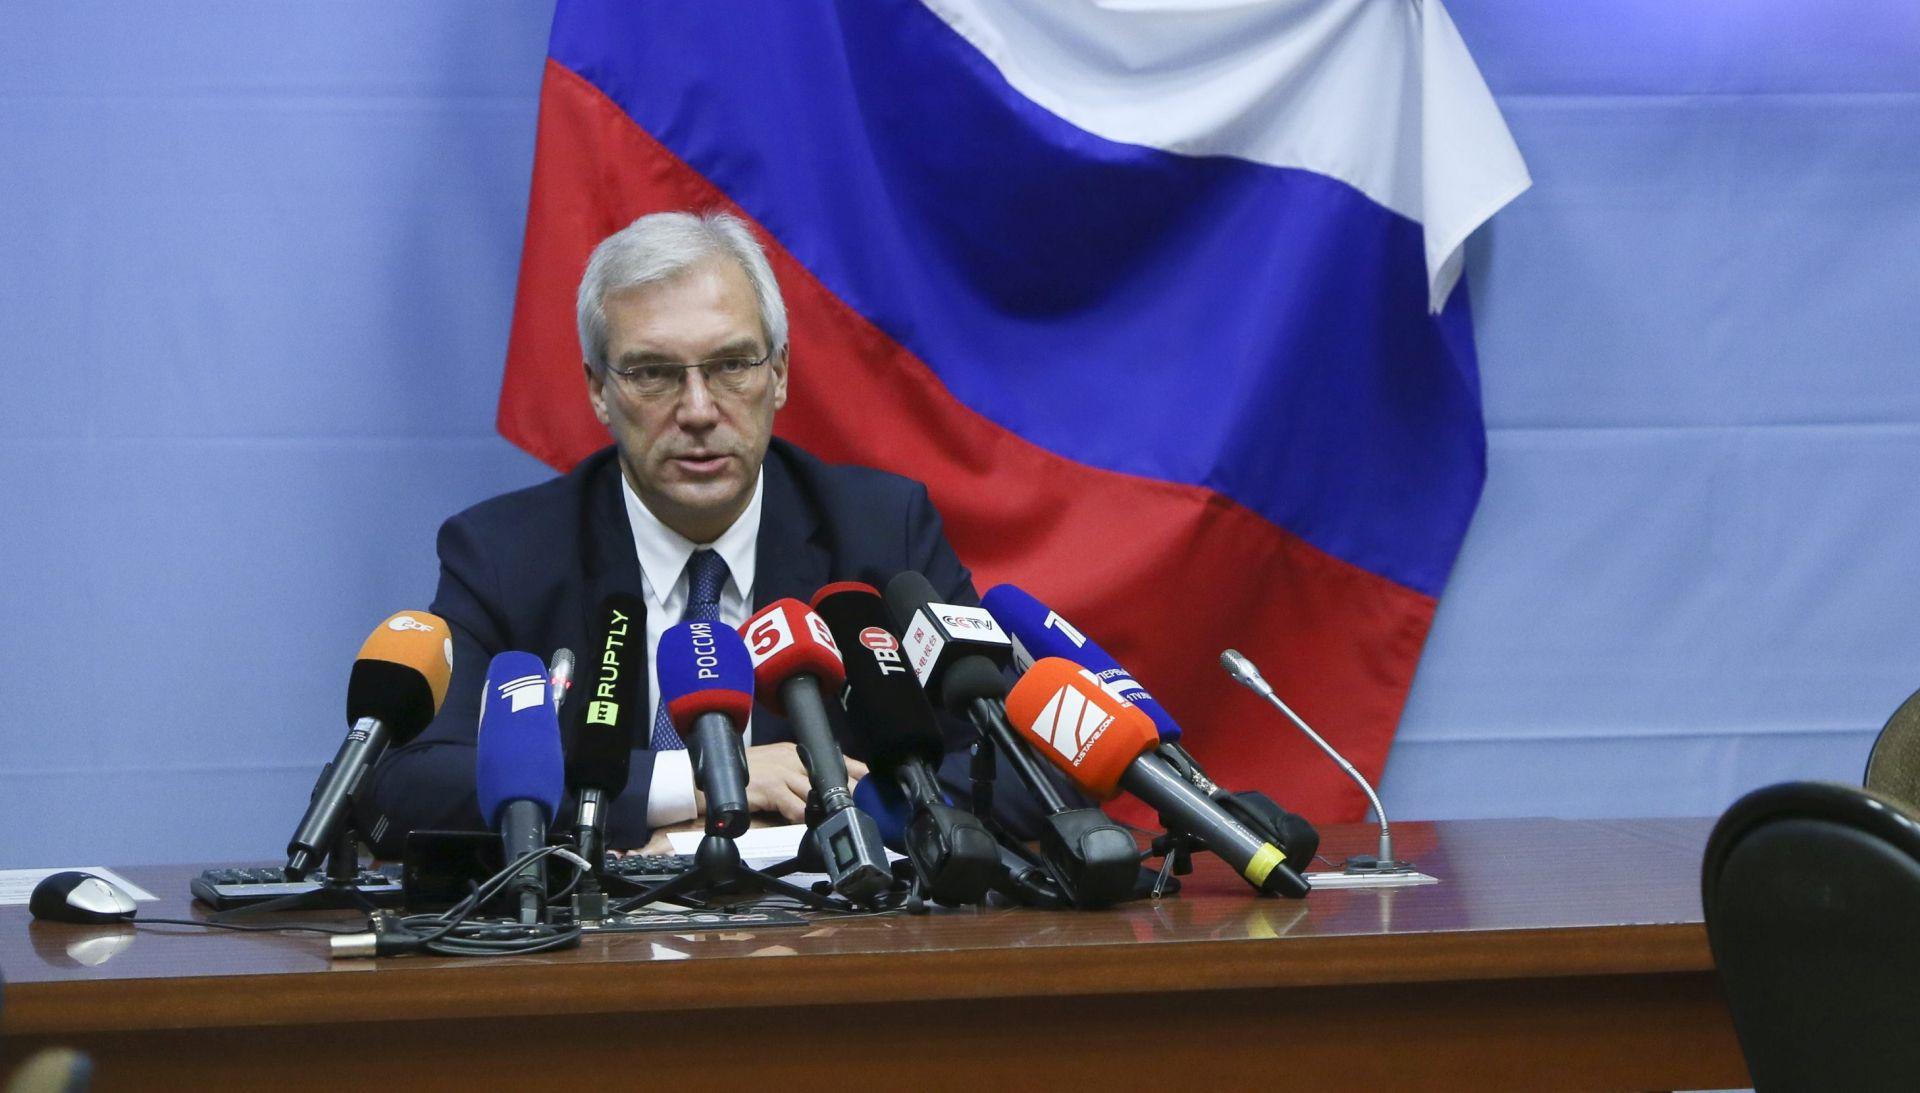 UGROŽAVANJE SIGURNOSTI: Nakon optužbi NATO-a Rusija spremna uključiti transpondere u zračnom prometu